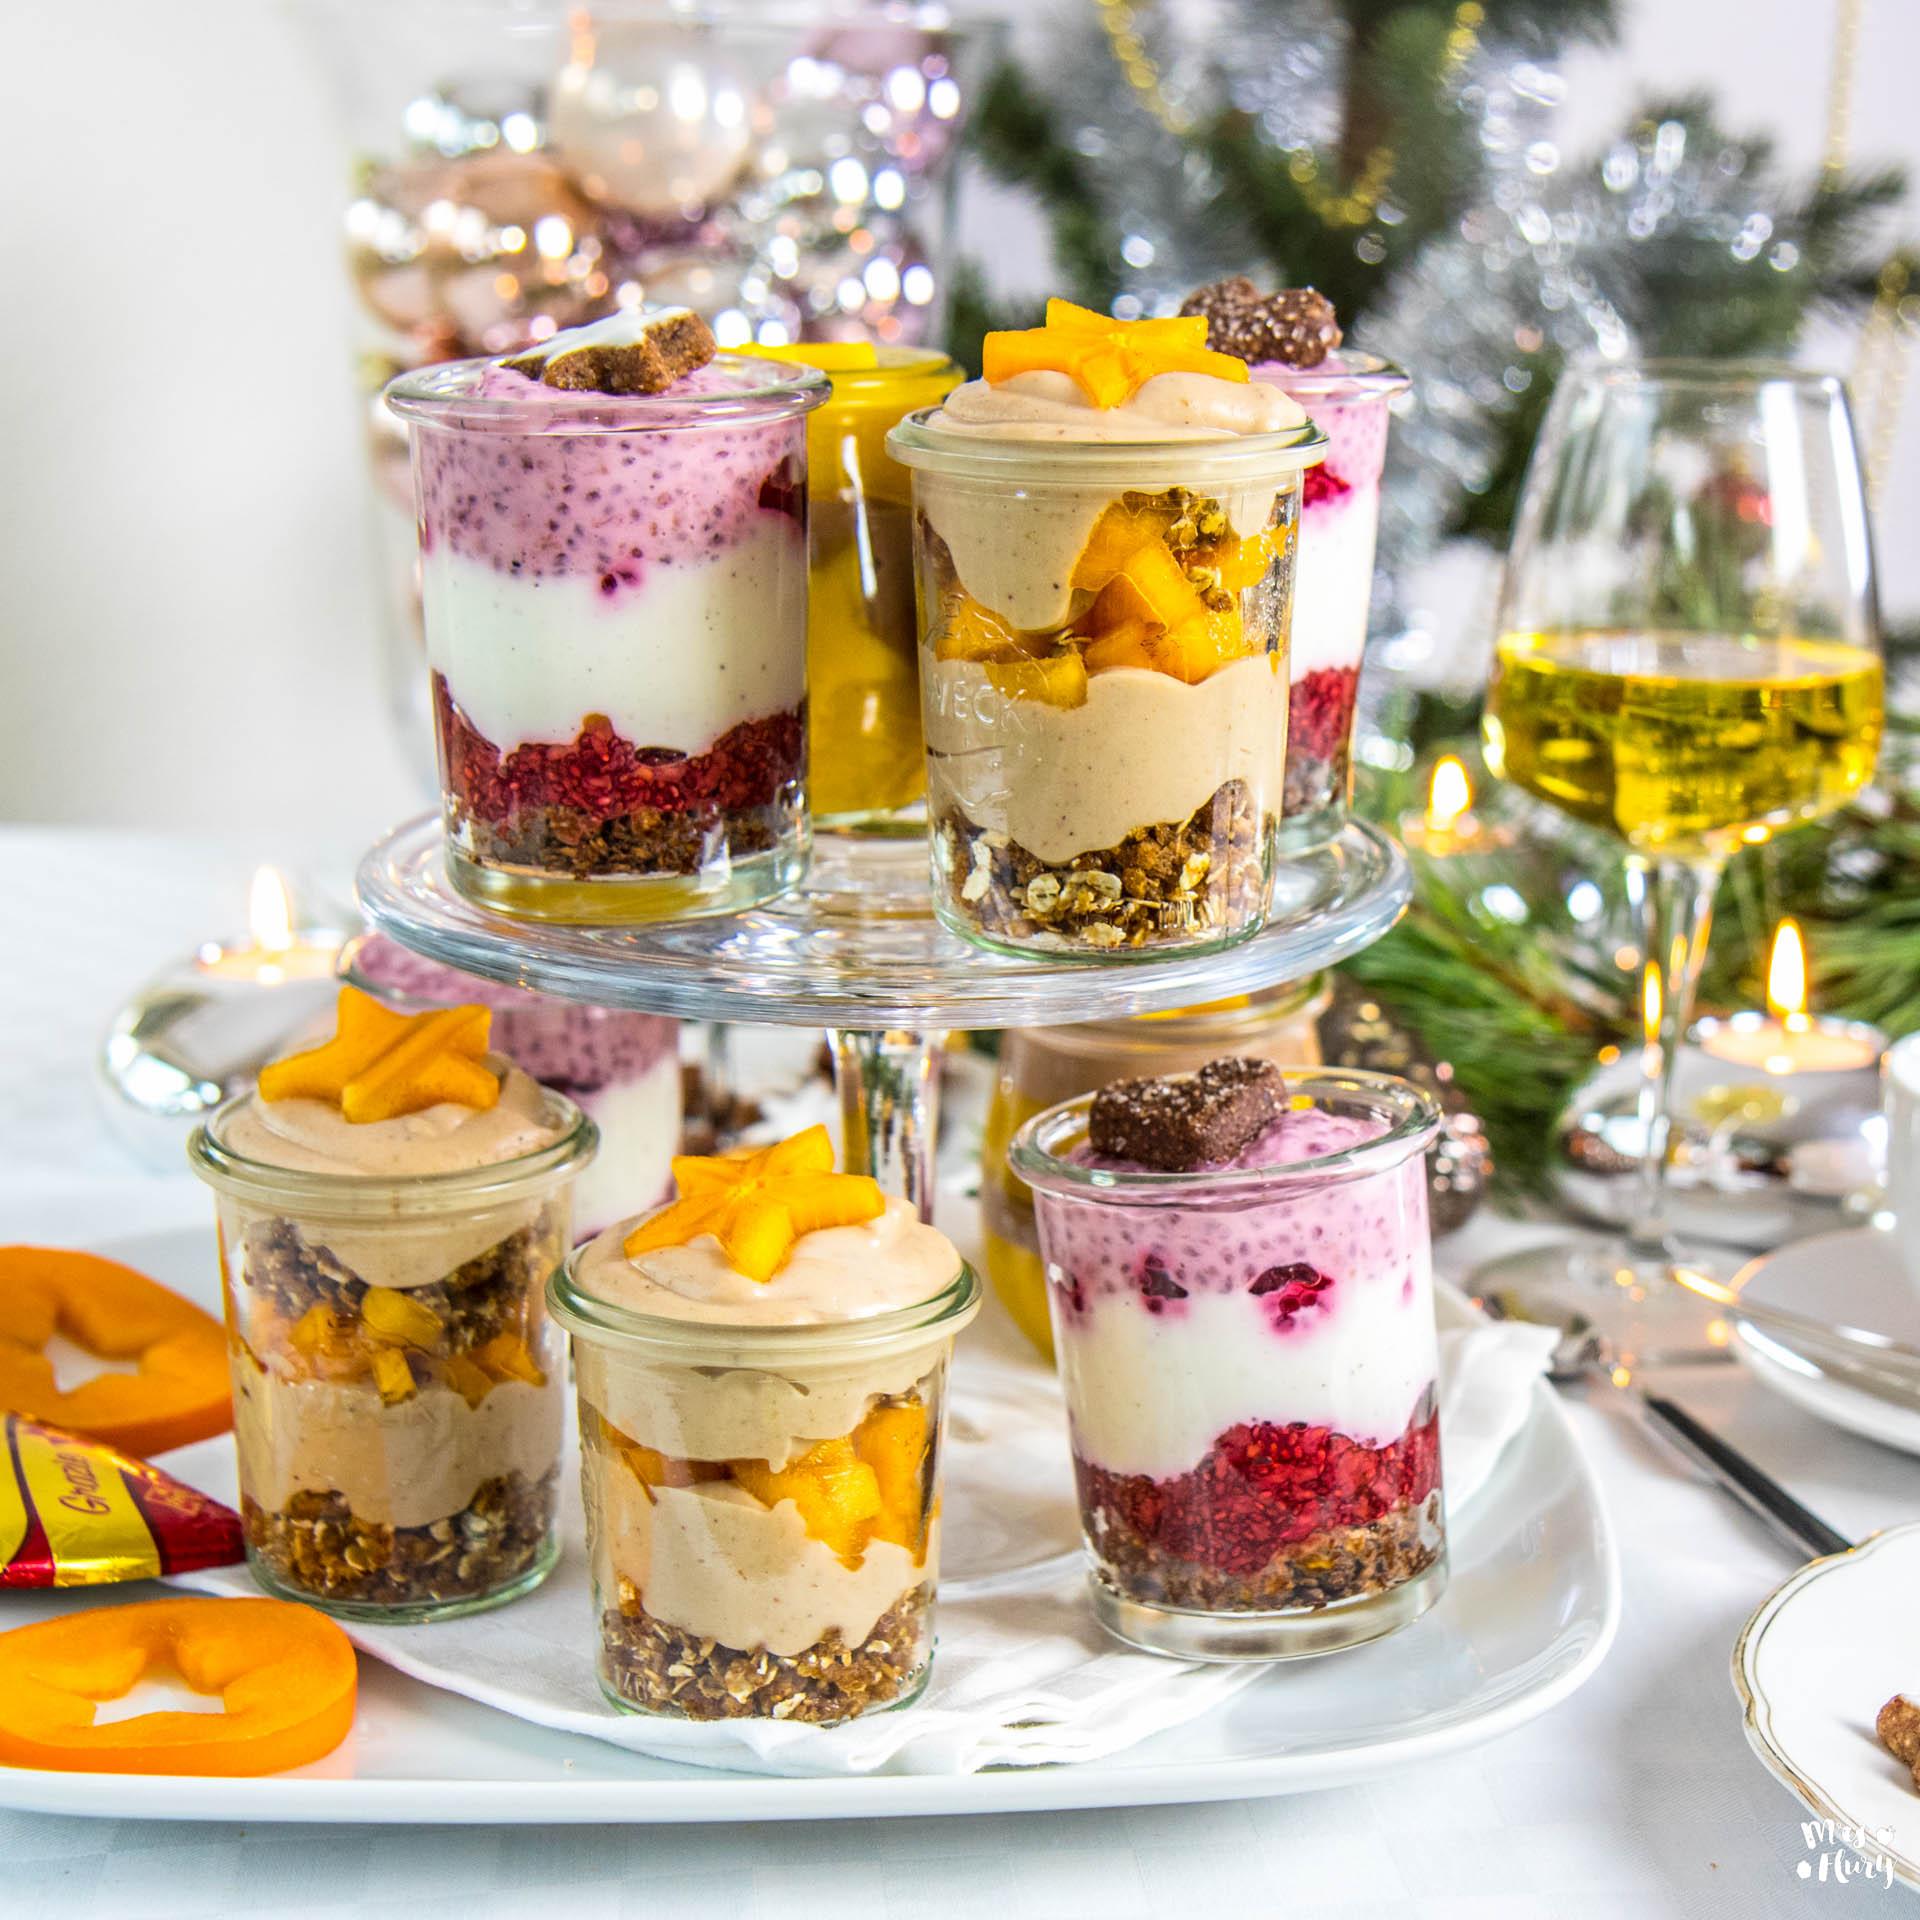 3 gesunde desserts im glas mrs flury gesund essen leben. Black Bedroom Furniture Sets. Home Design Ideas